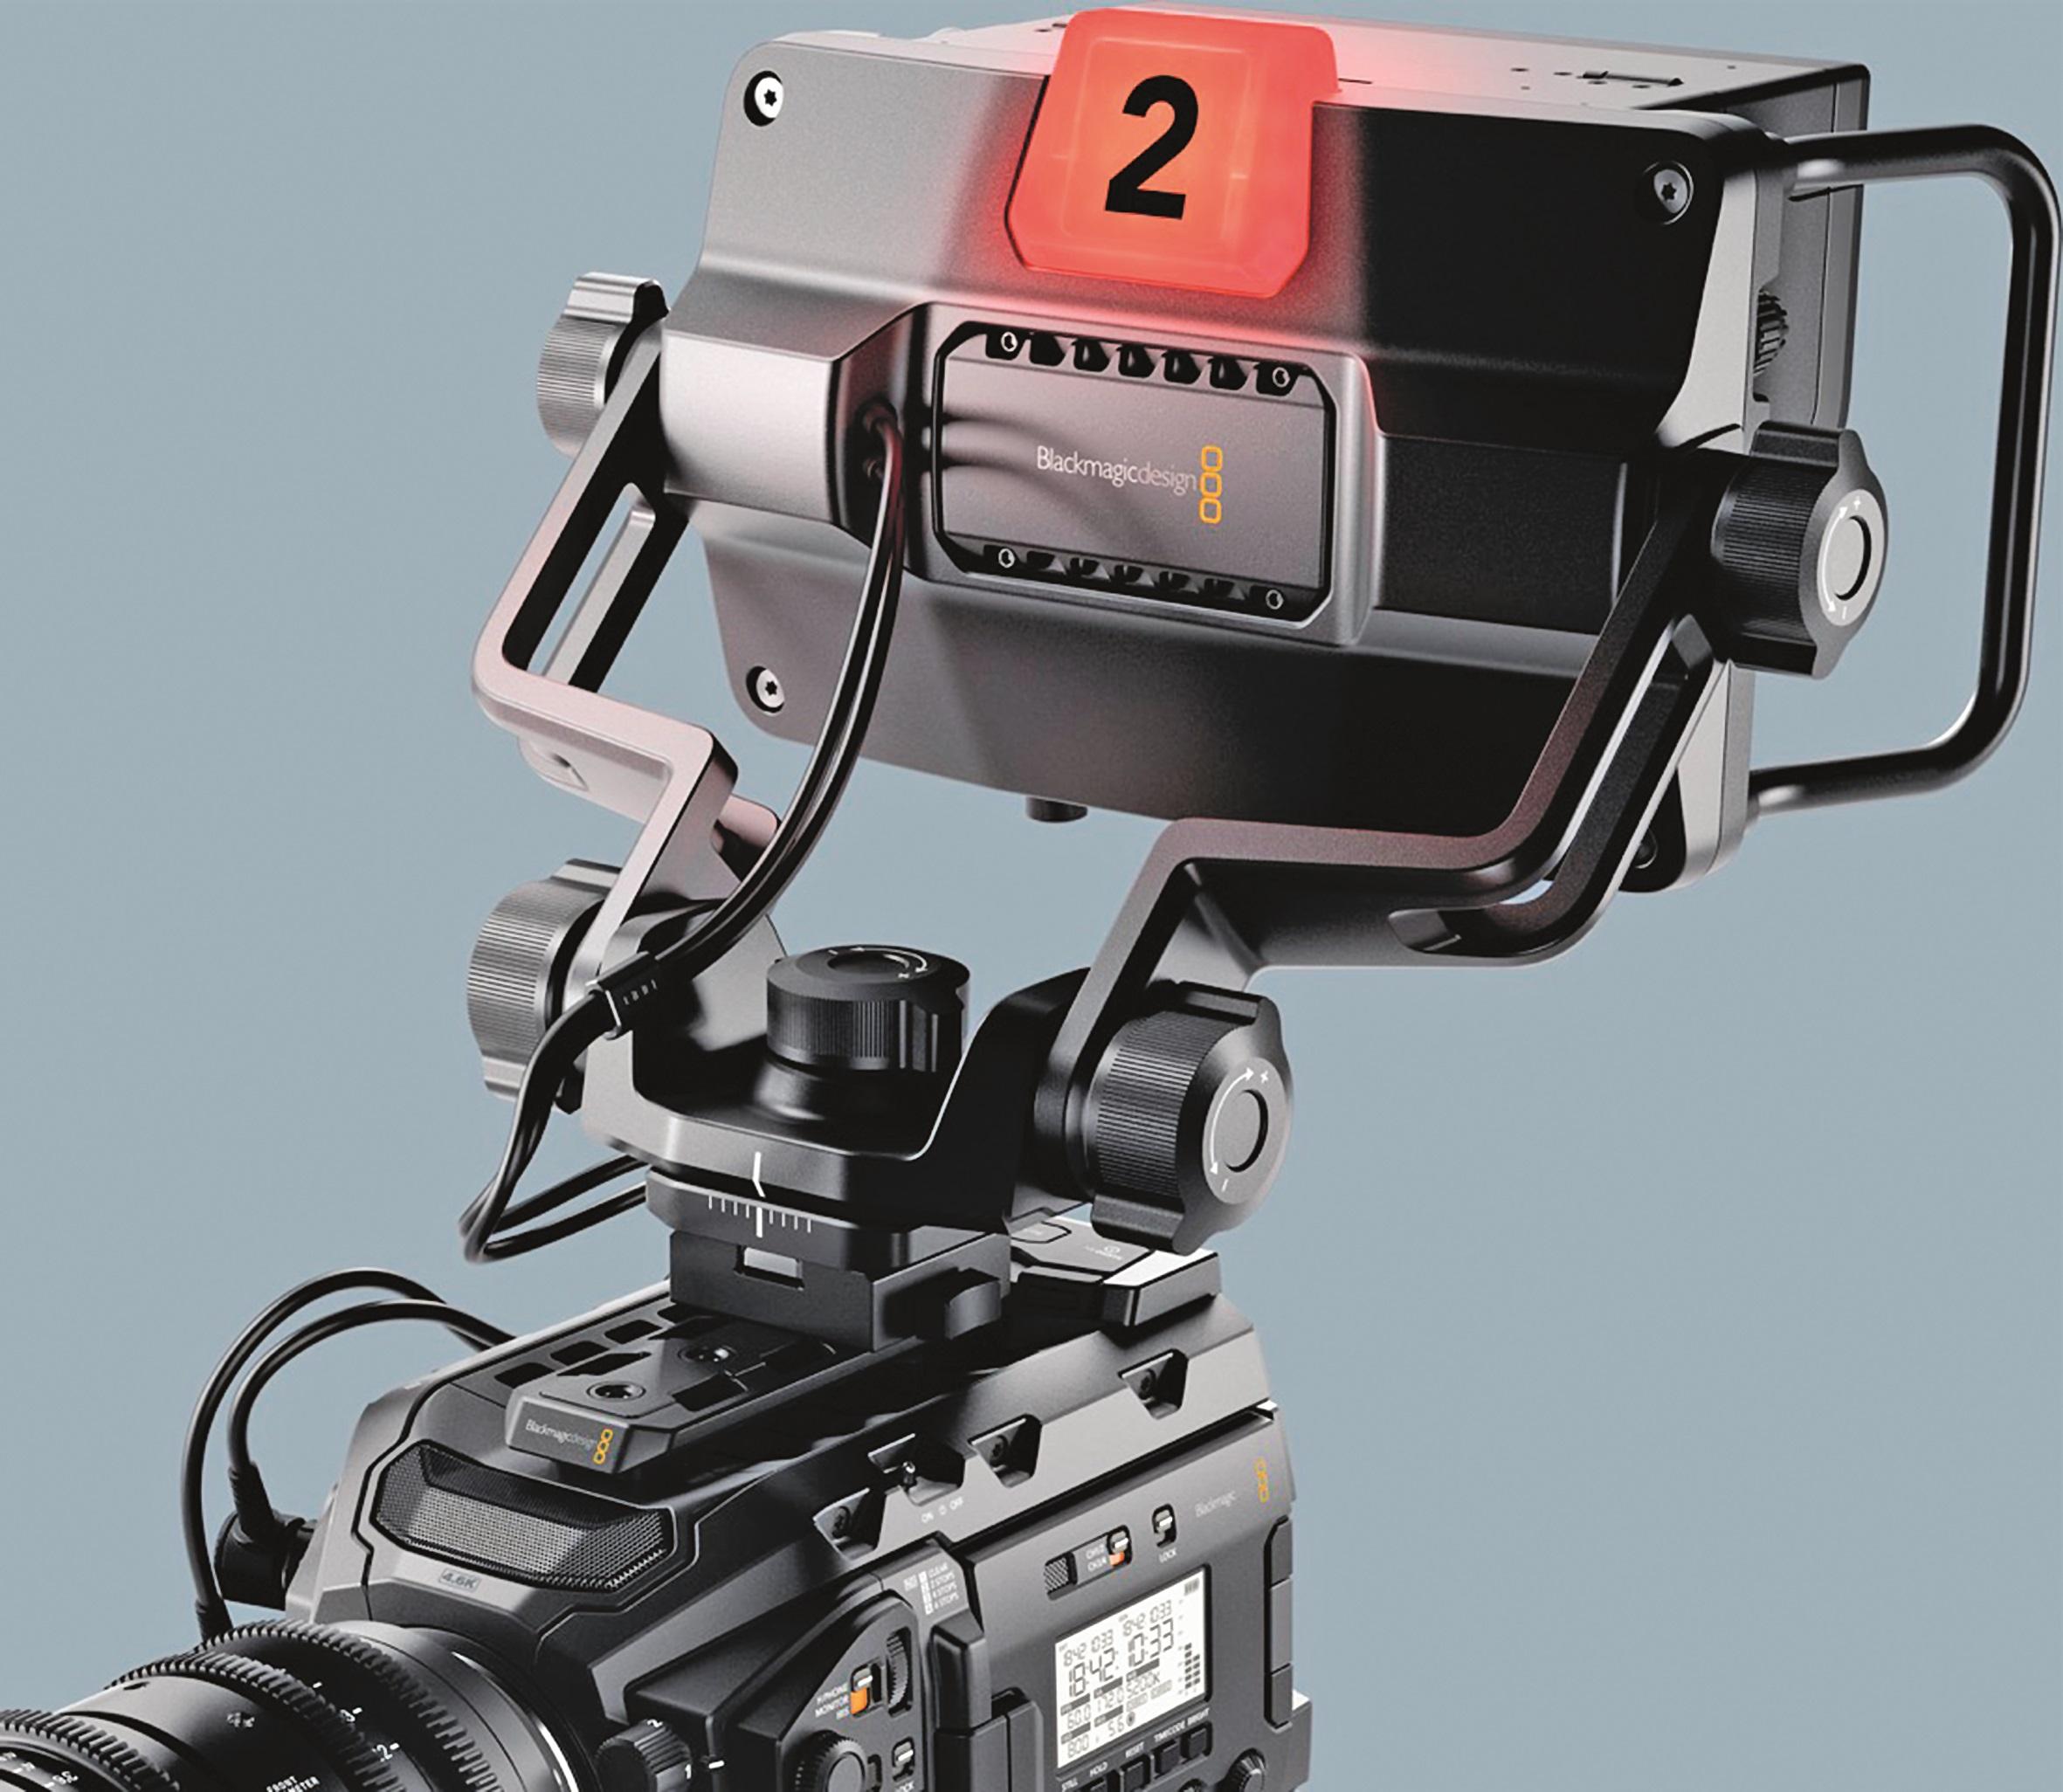 In Kürze soll dieser neue Monitor die Ursa Mini noch zur vollwertigen Studiokamera aufwerten.